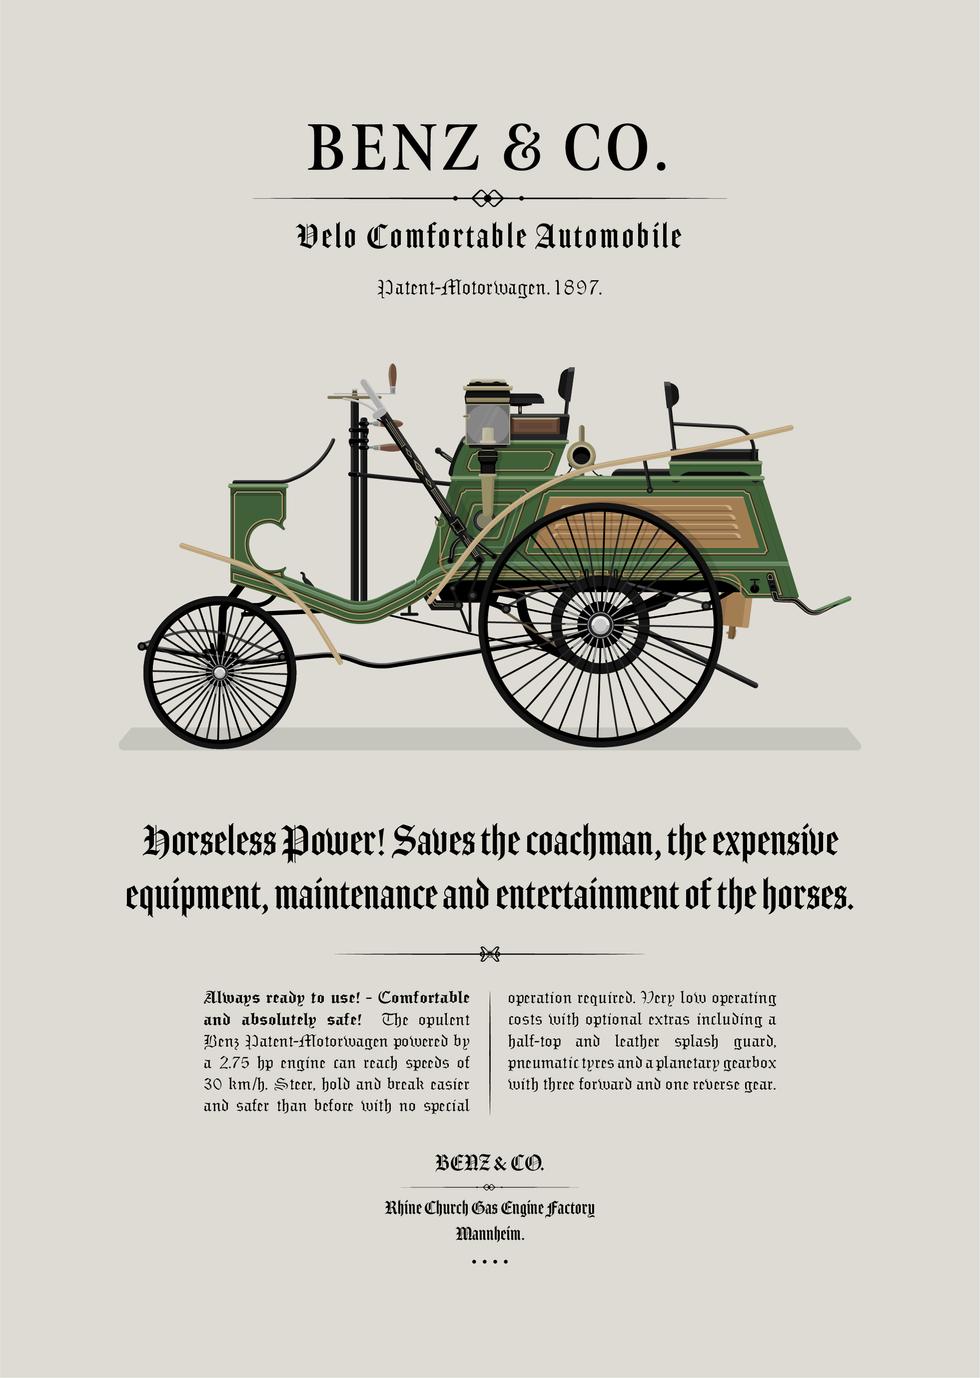 1897 Benz - Velo Comfortable